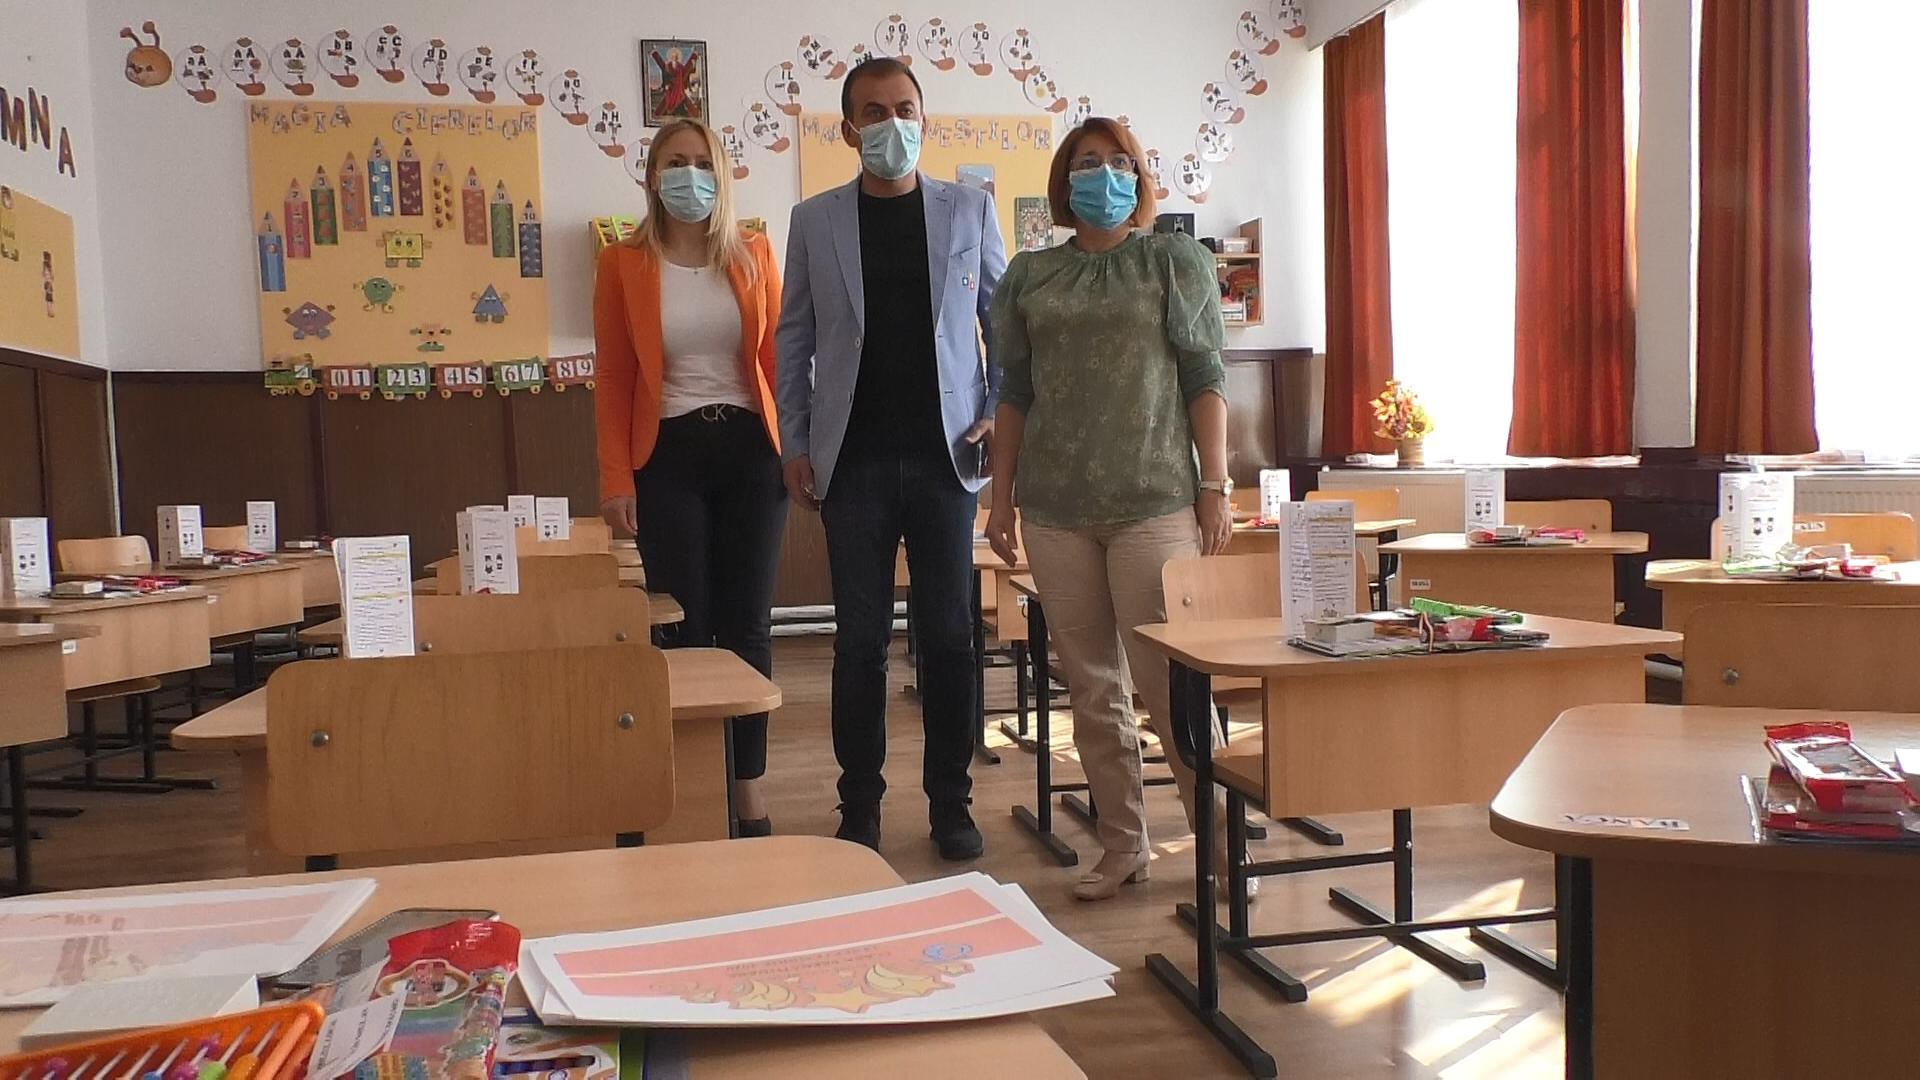 Autoritățile locale din Răzvad s-au pregătit temeinic  pentru scenariul galben în care cei mai mulți elevi și preșcolari se vor întoarce în bănci, de luni